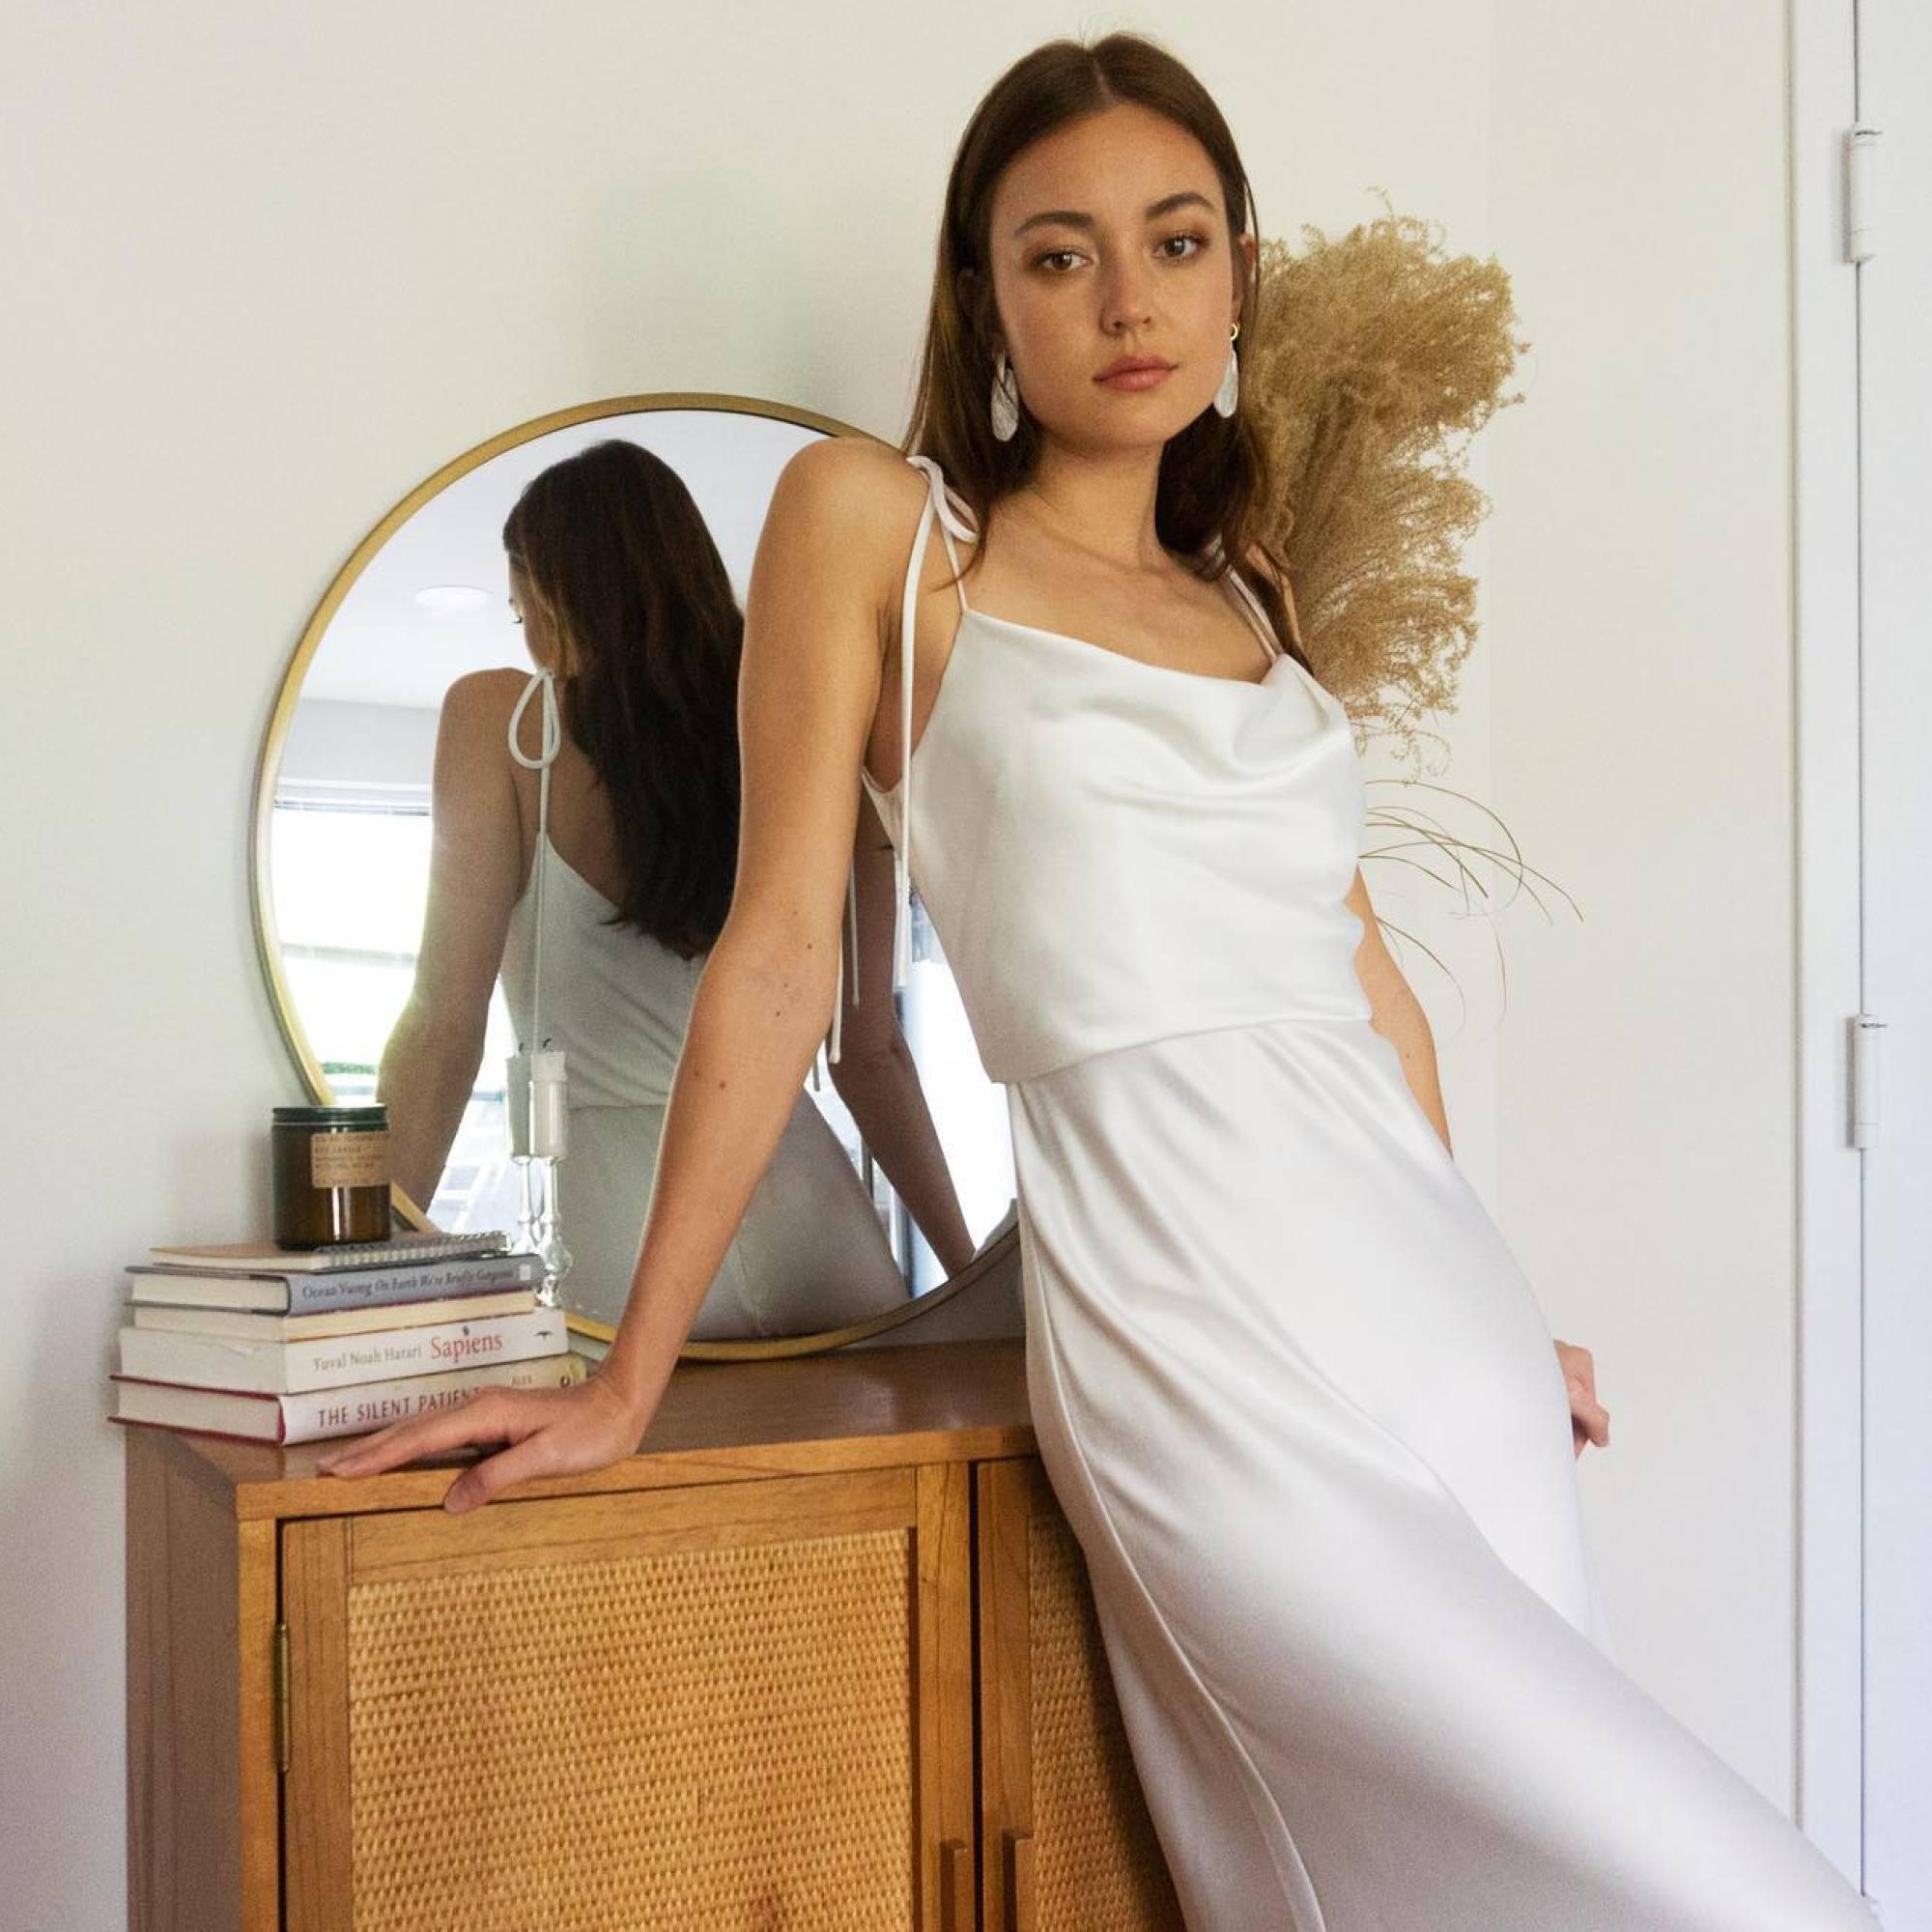 20 Best Short Wedding Dresses for 20 + 20 Brides